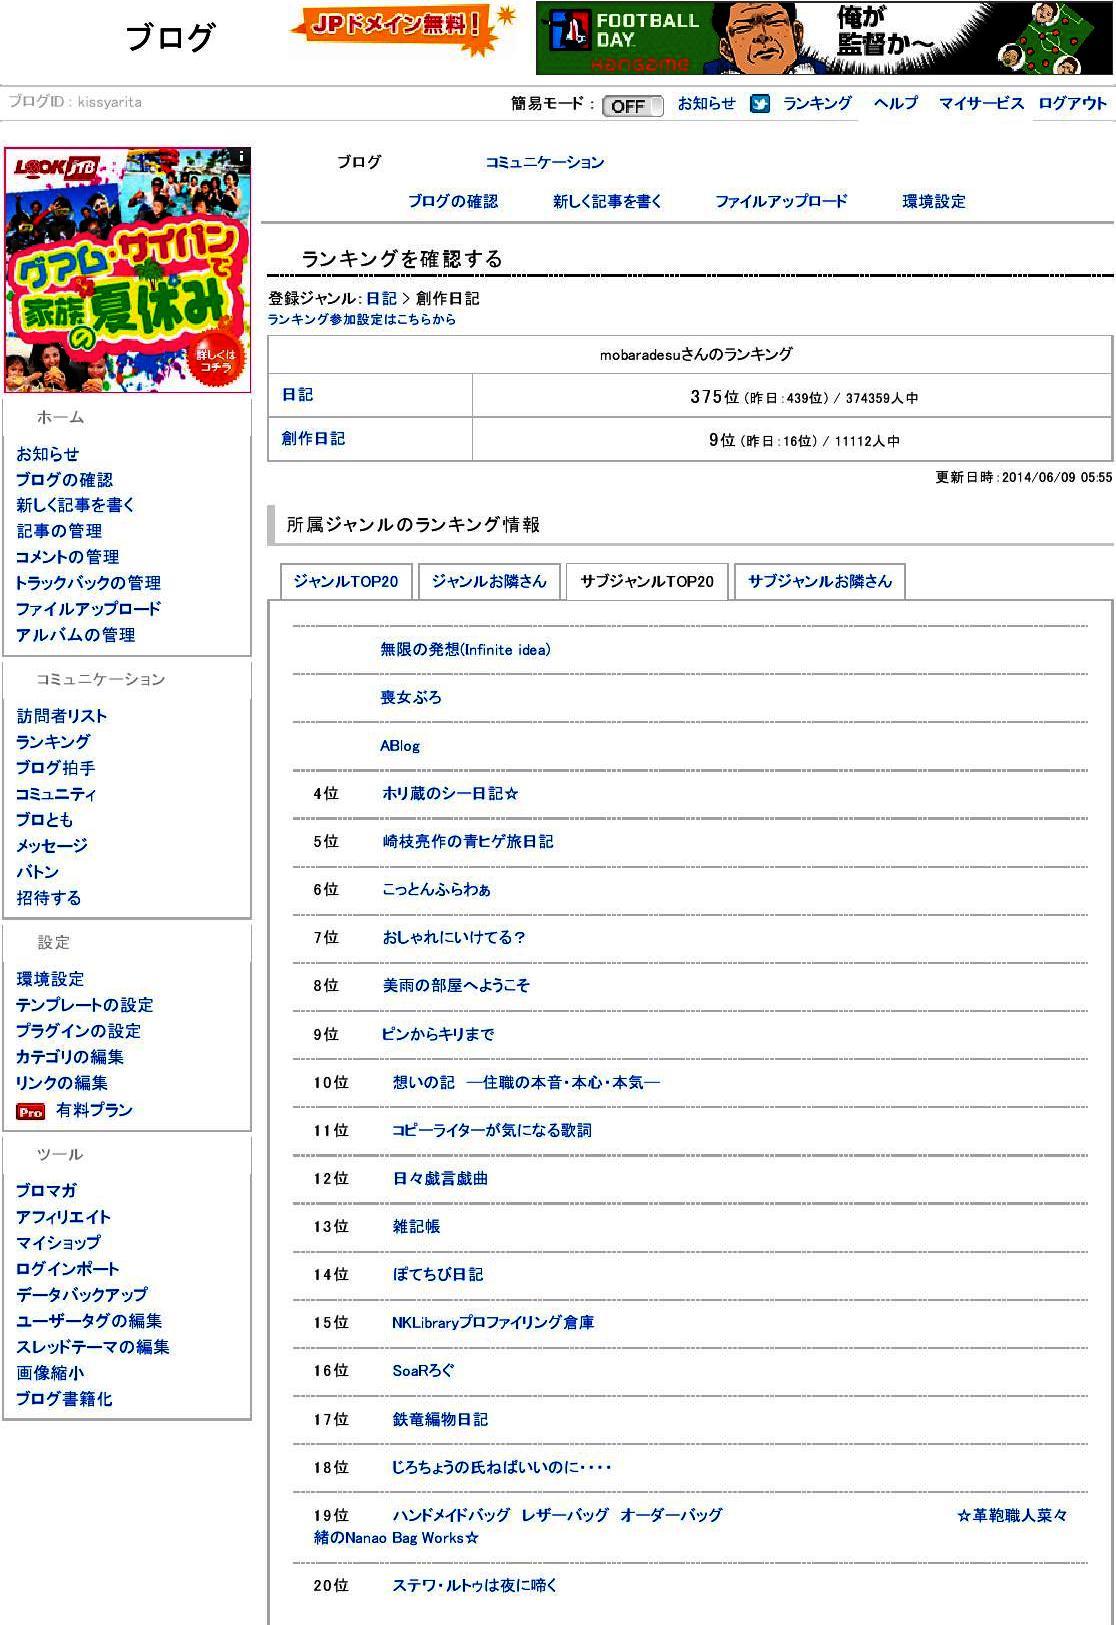 ピンからキリまで - FC2 BLOG 管理ページ-40001-2